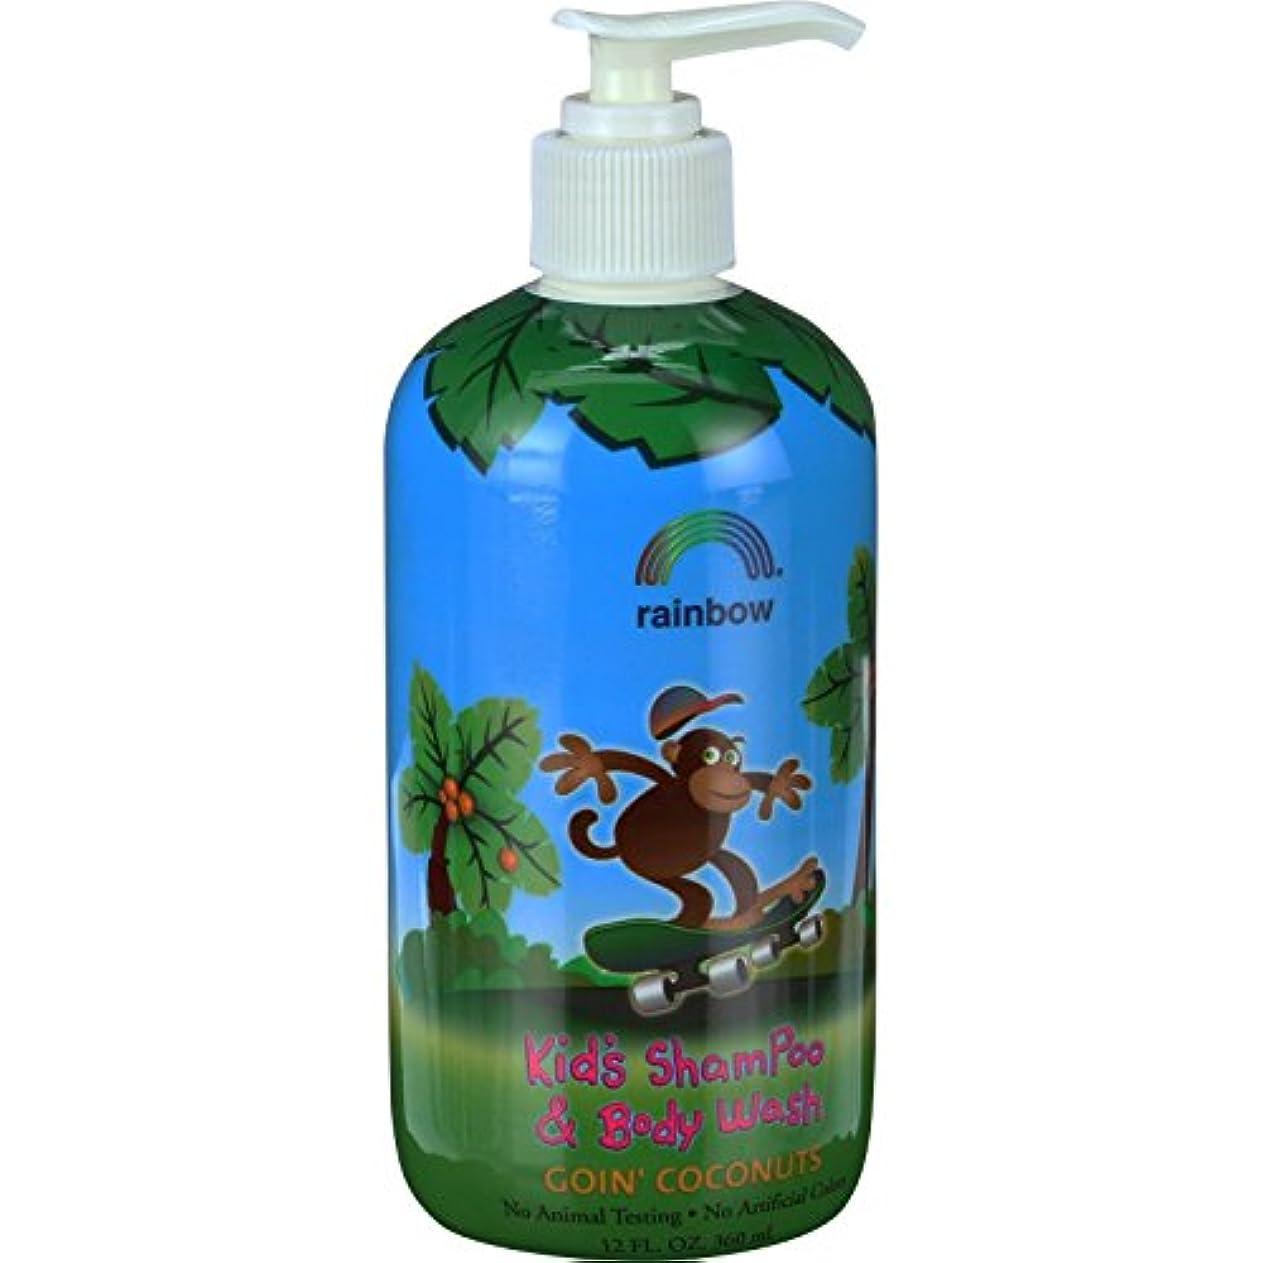 してはいけないフィードオン狼Rainbow Research, Kid's Shampoo and Body Wash, Goin' Coconuts, 12 fl oz (360 ml)